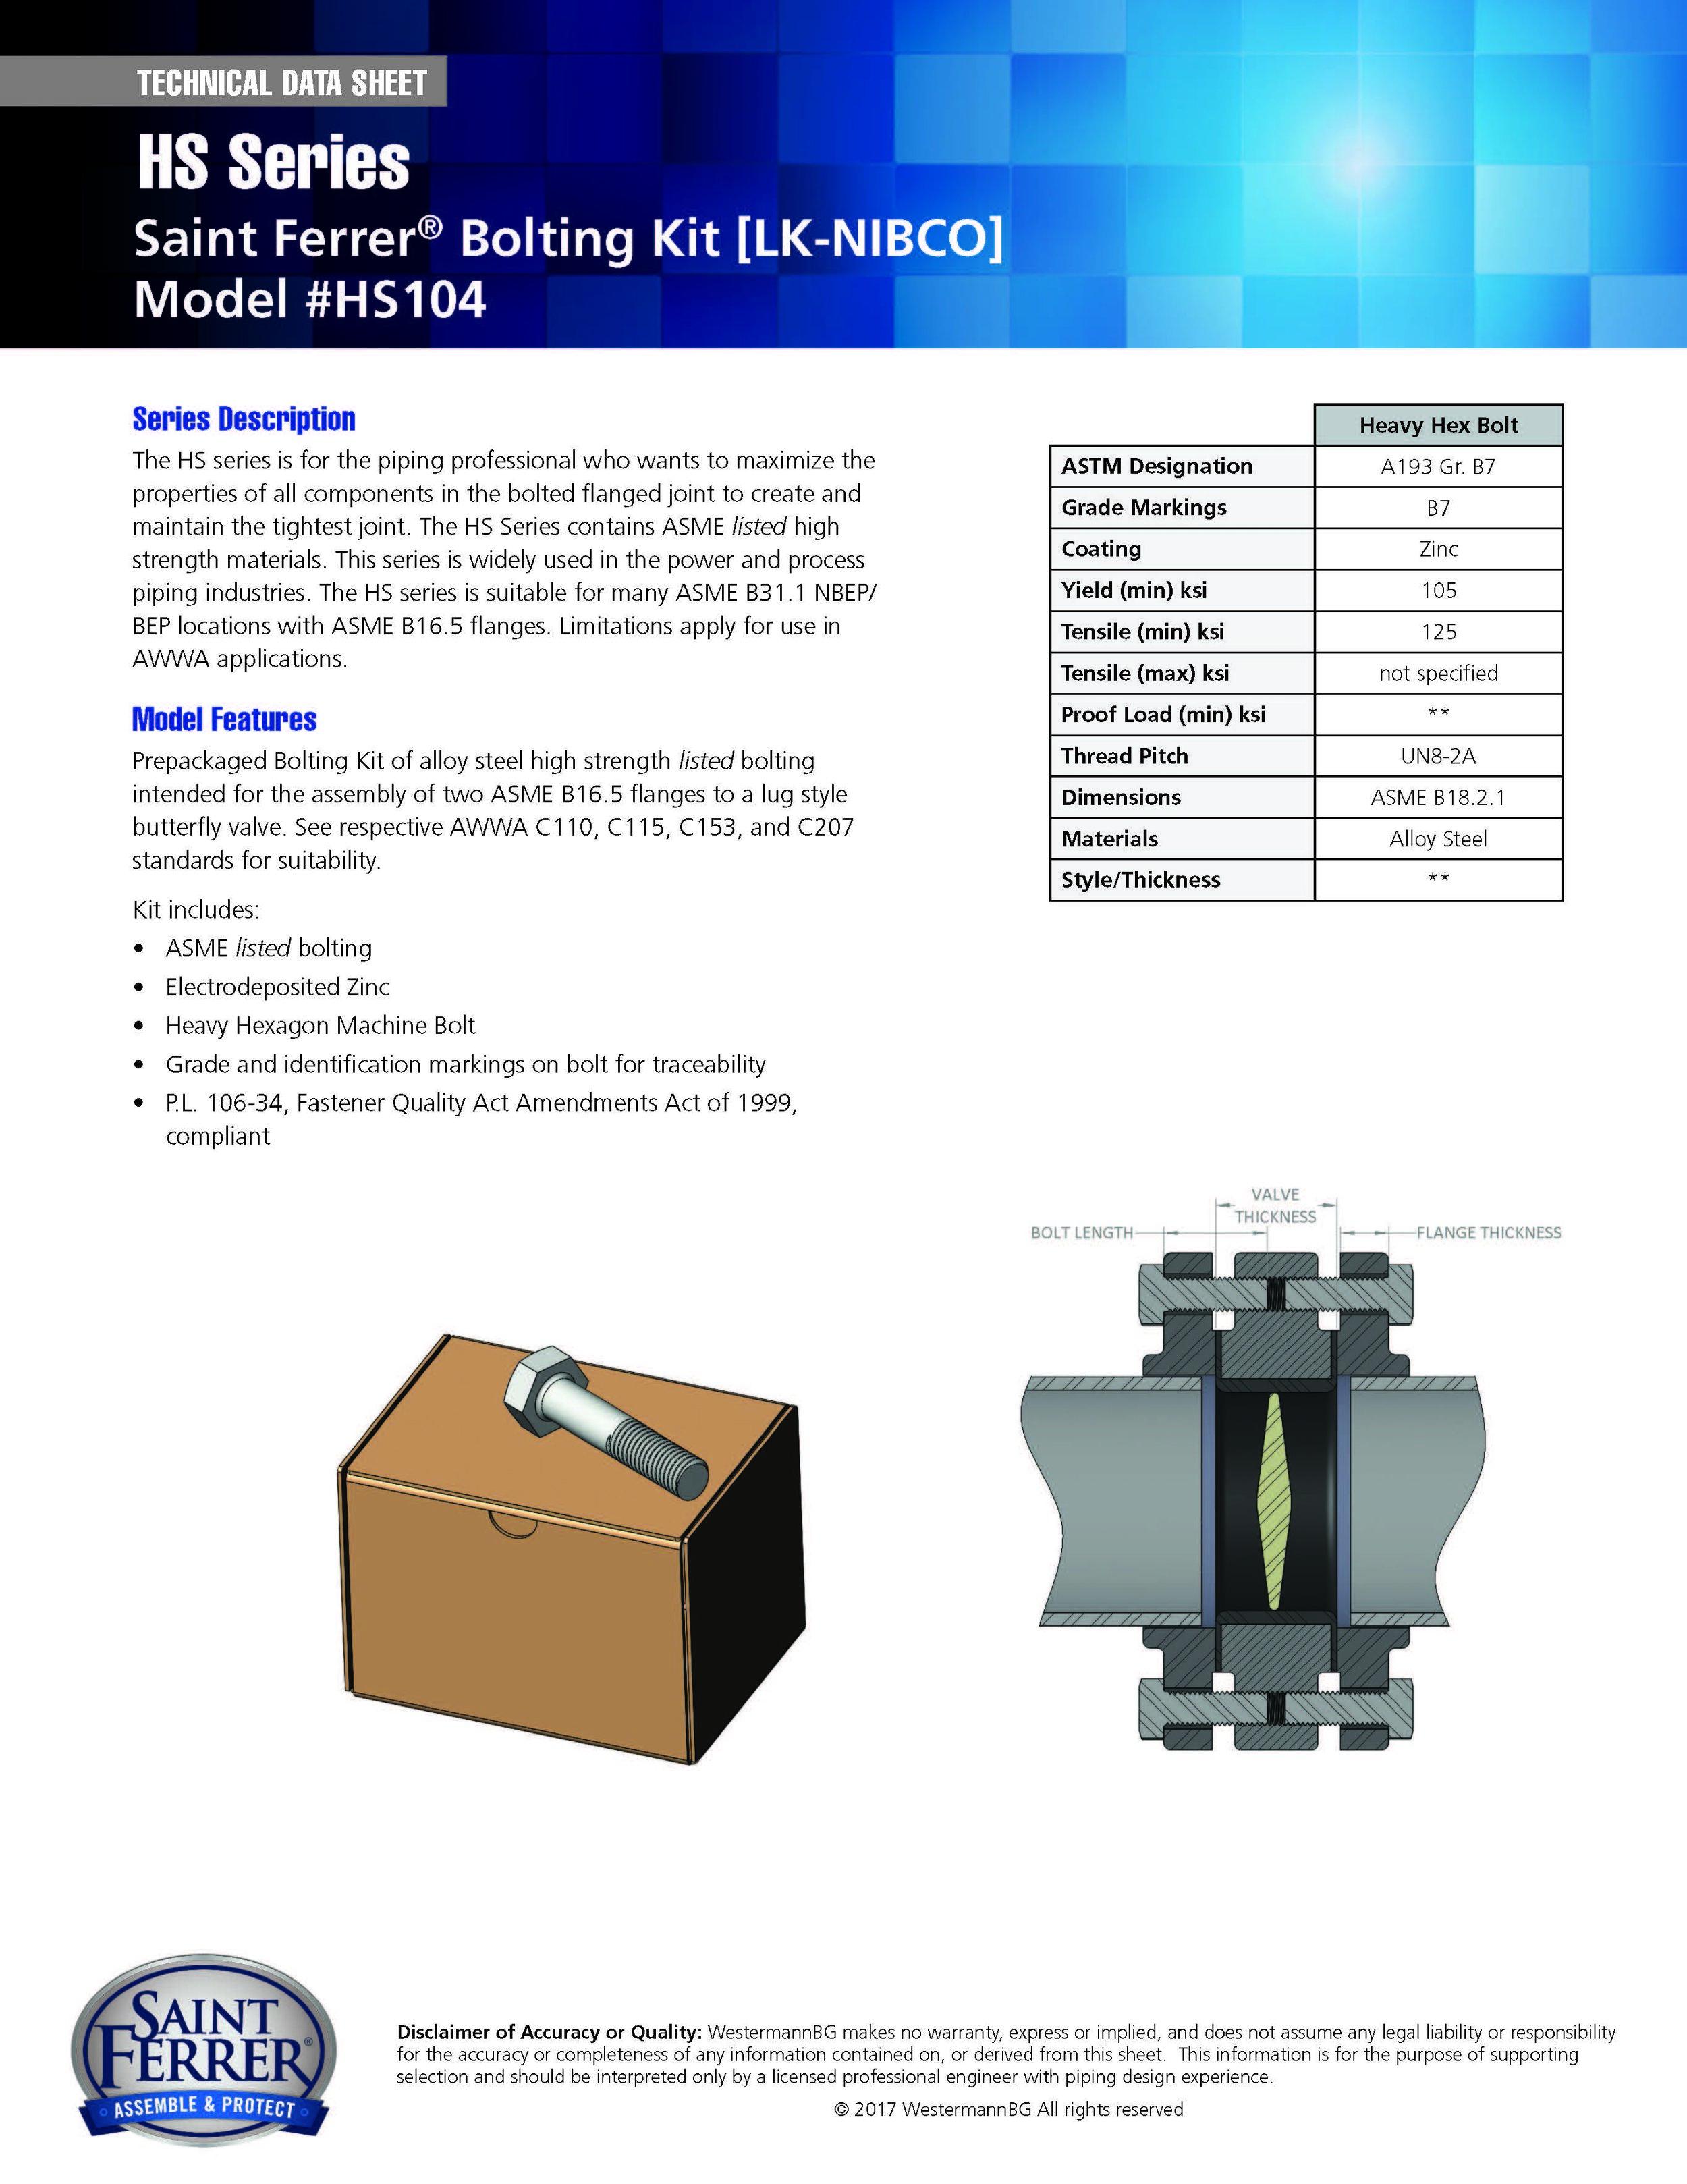 SF_Data_Sheet_HS_Series_HS104.jpg